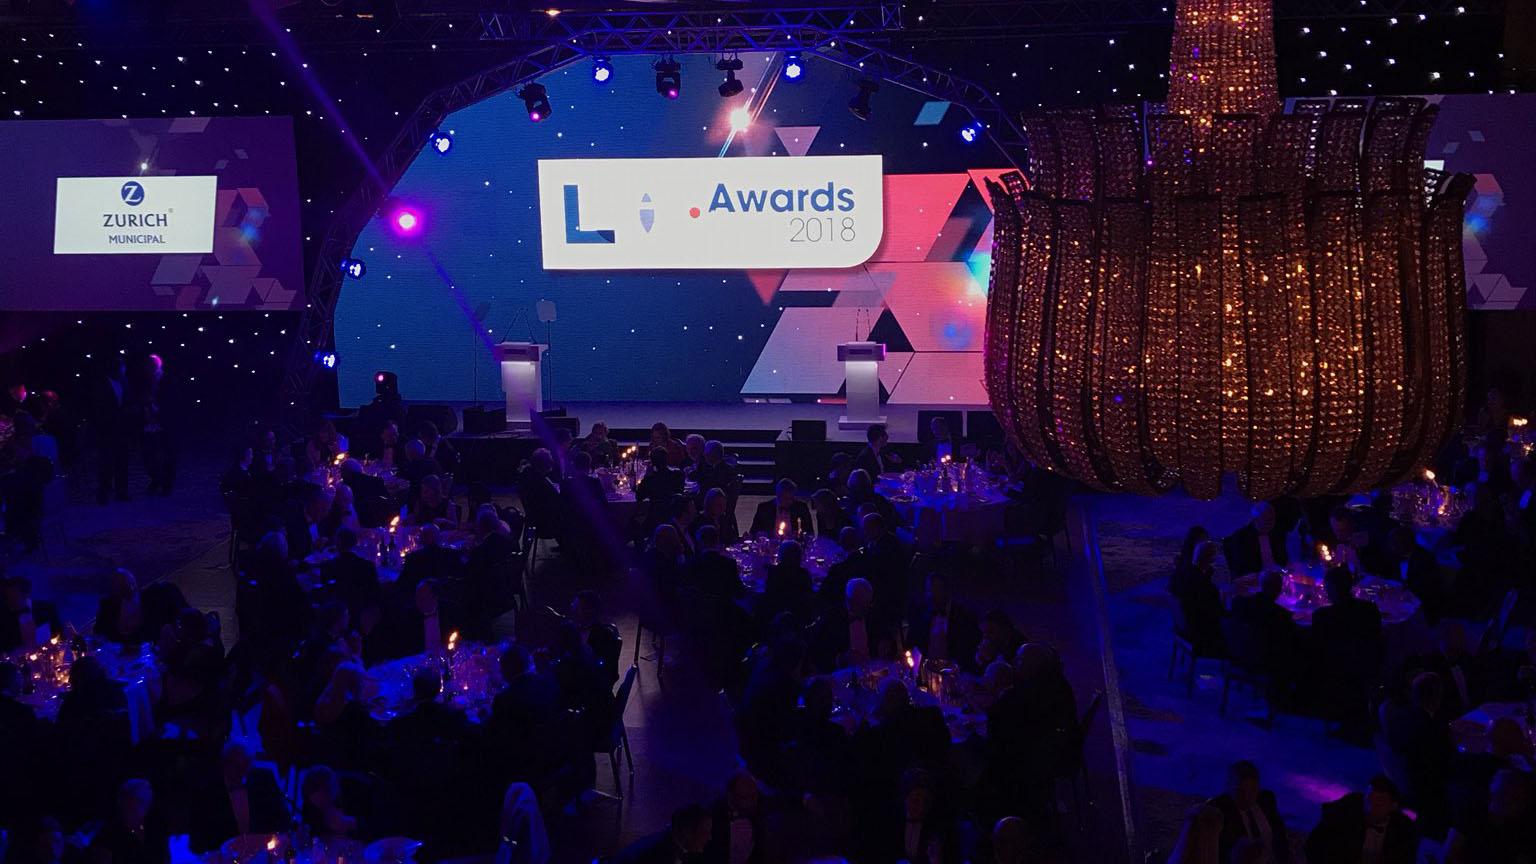 LGC Awards 2018 ceremony